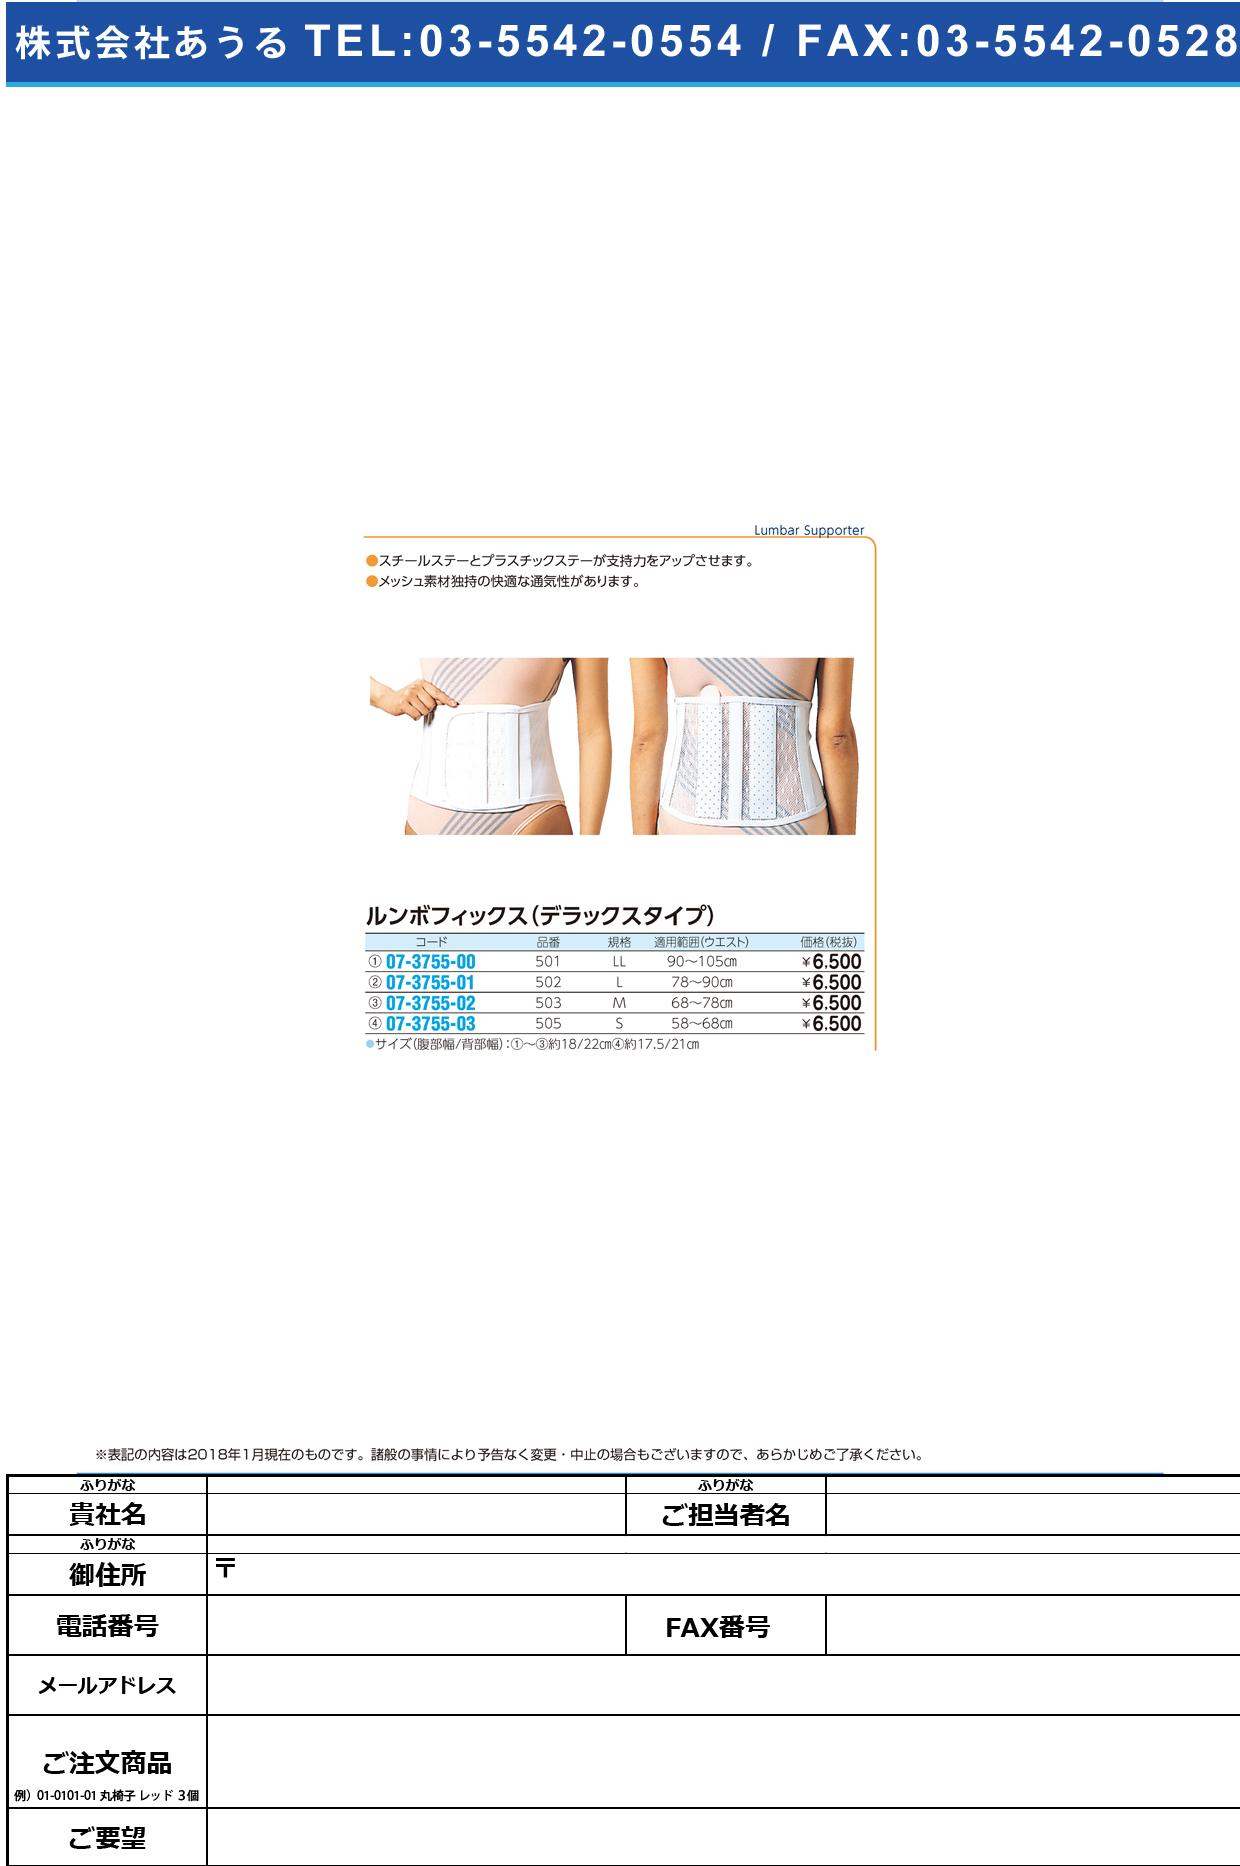 (07-3755-00)ルンボフィックス(LL) 501(デラックスタイプ) ルンボフィックス(LL)【1枚単位】【2018年カタログ商品】